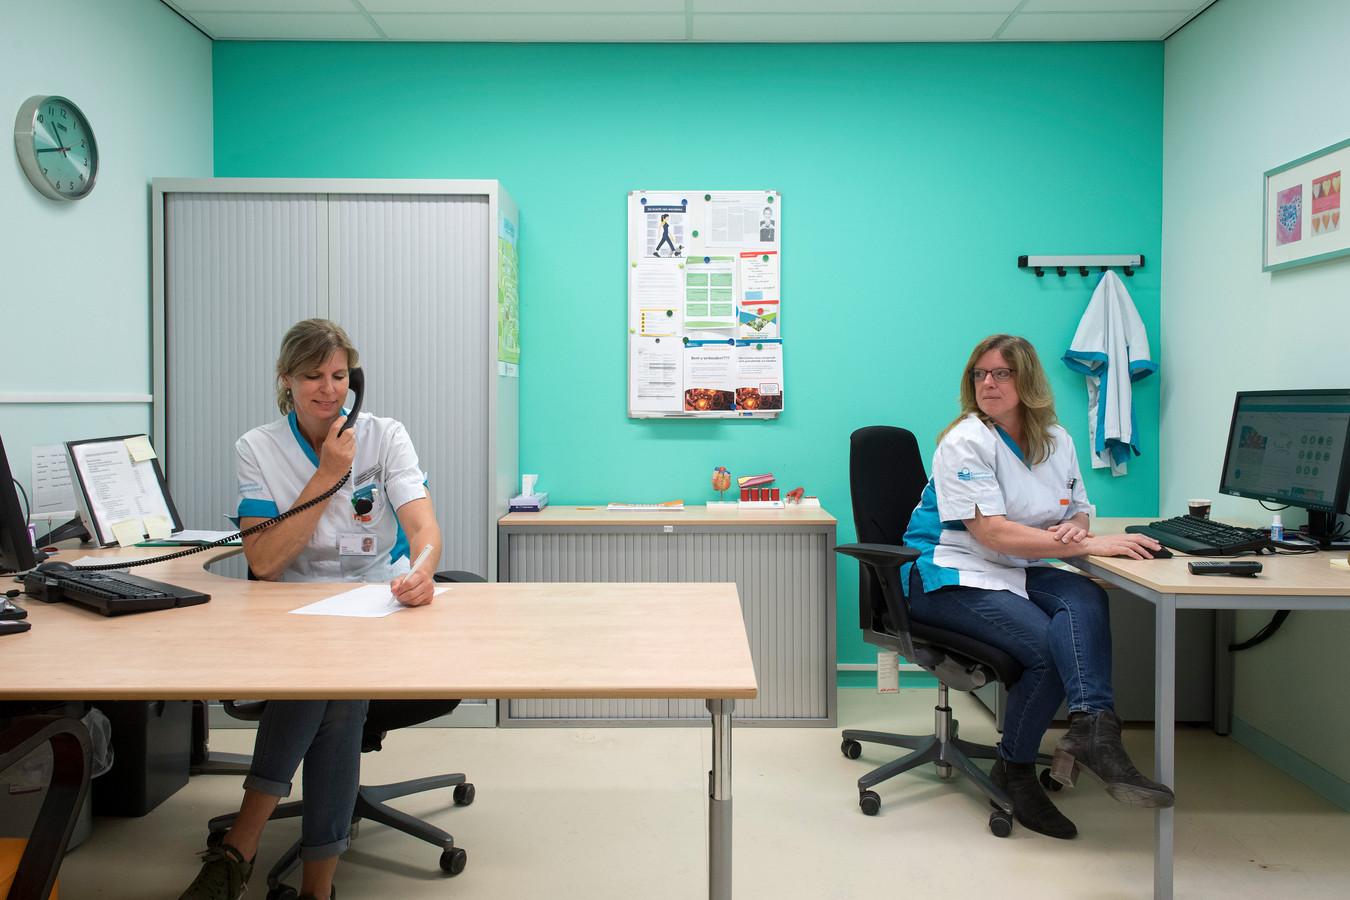 Heleen Junte (l) en Miranda Roks werken als familieondersteuners bij Ziekenhuis Rivierenland.